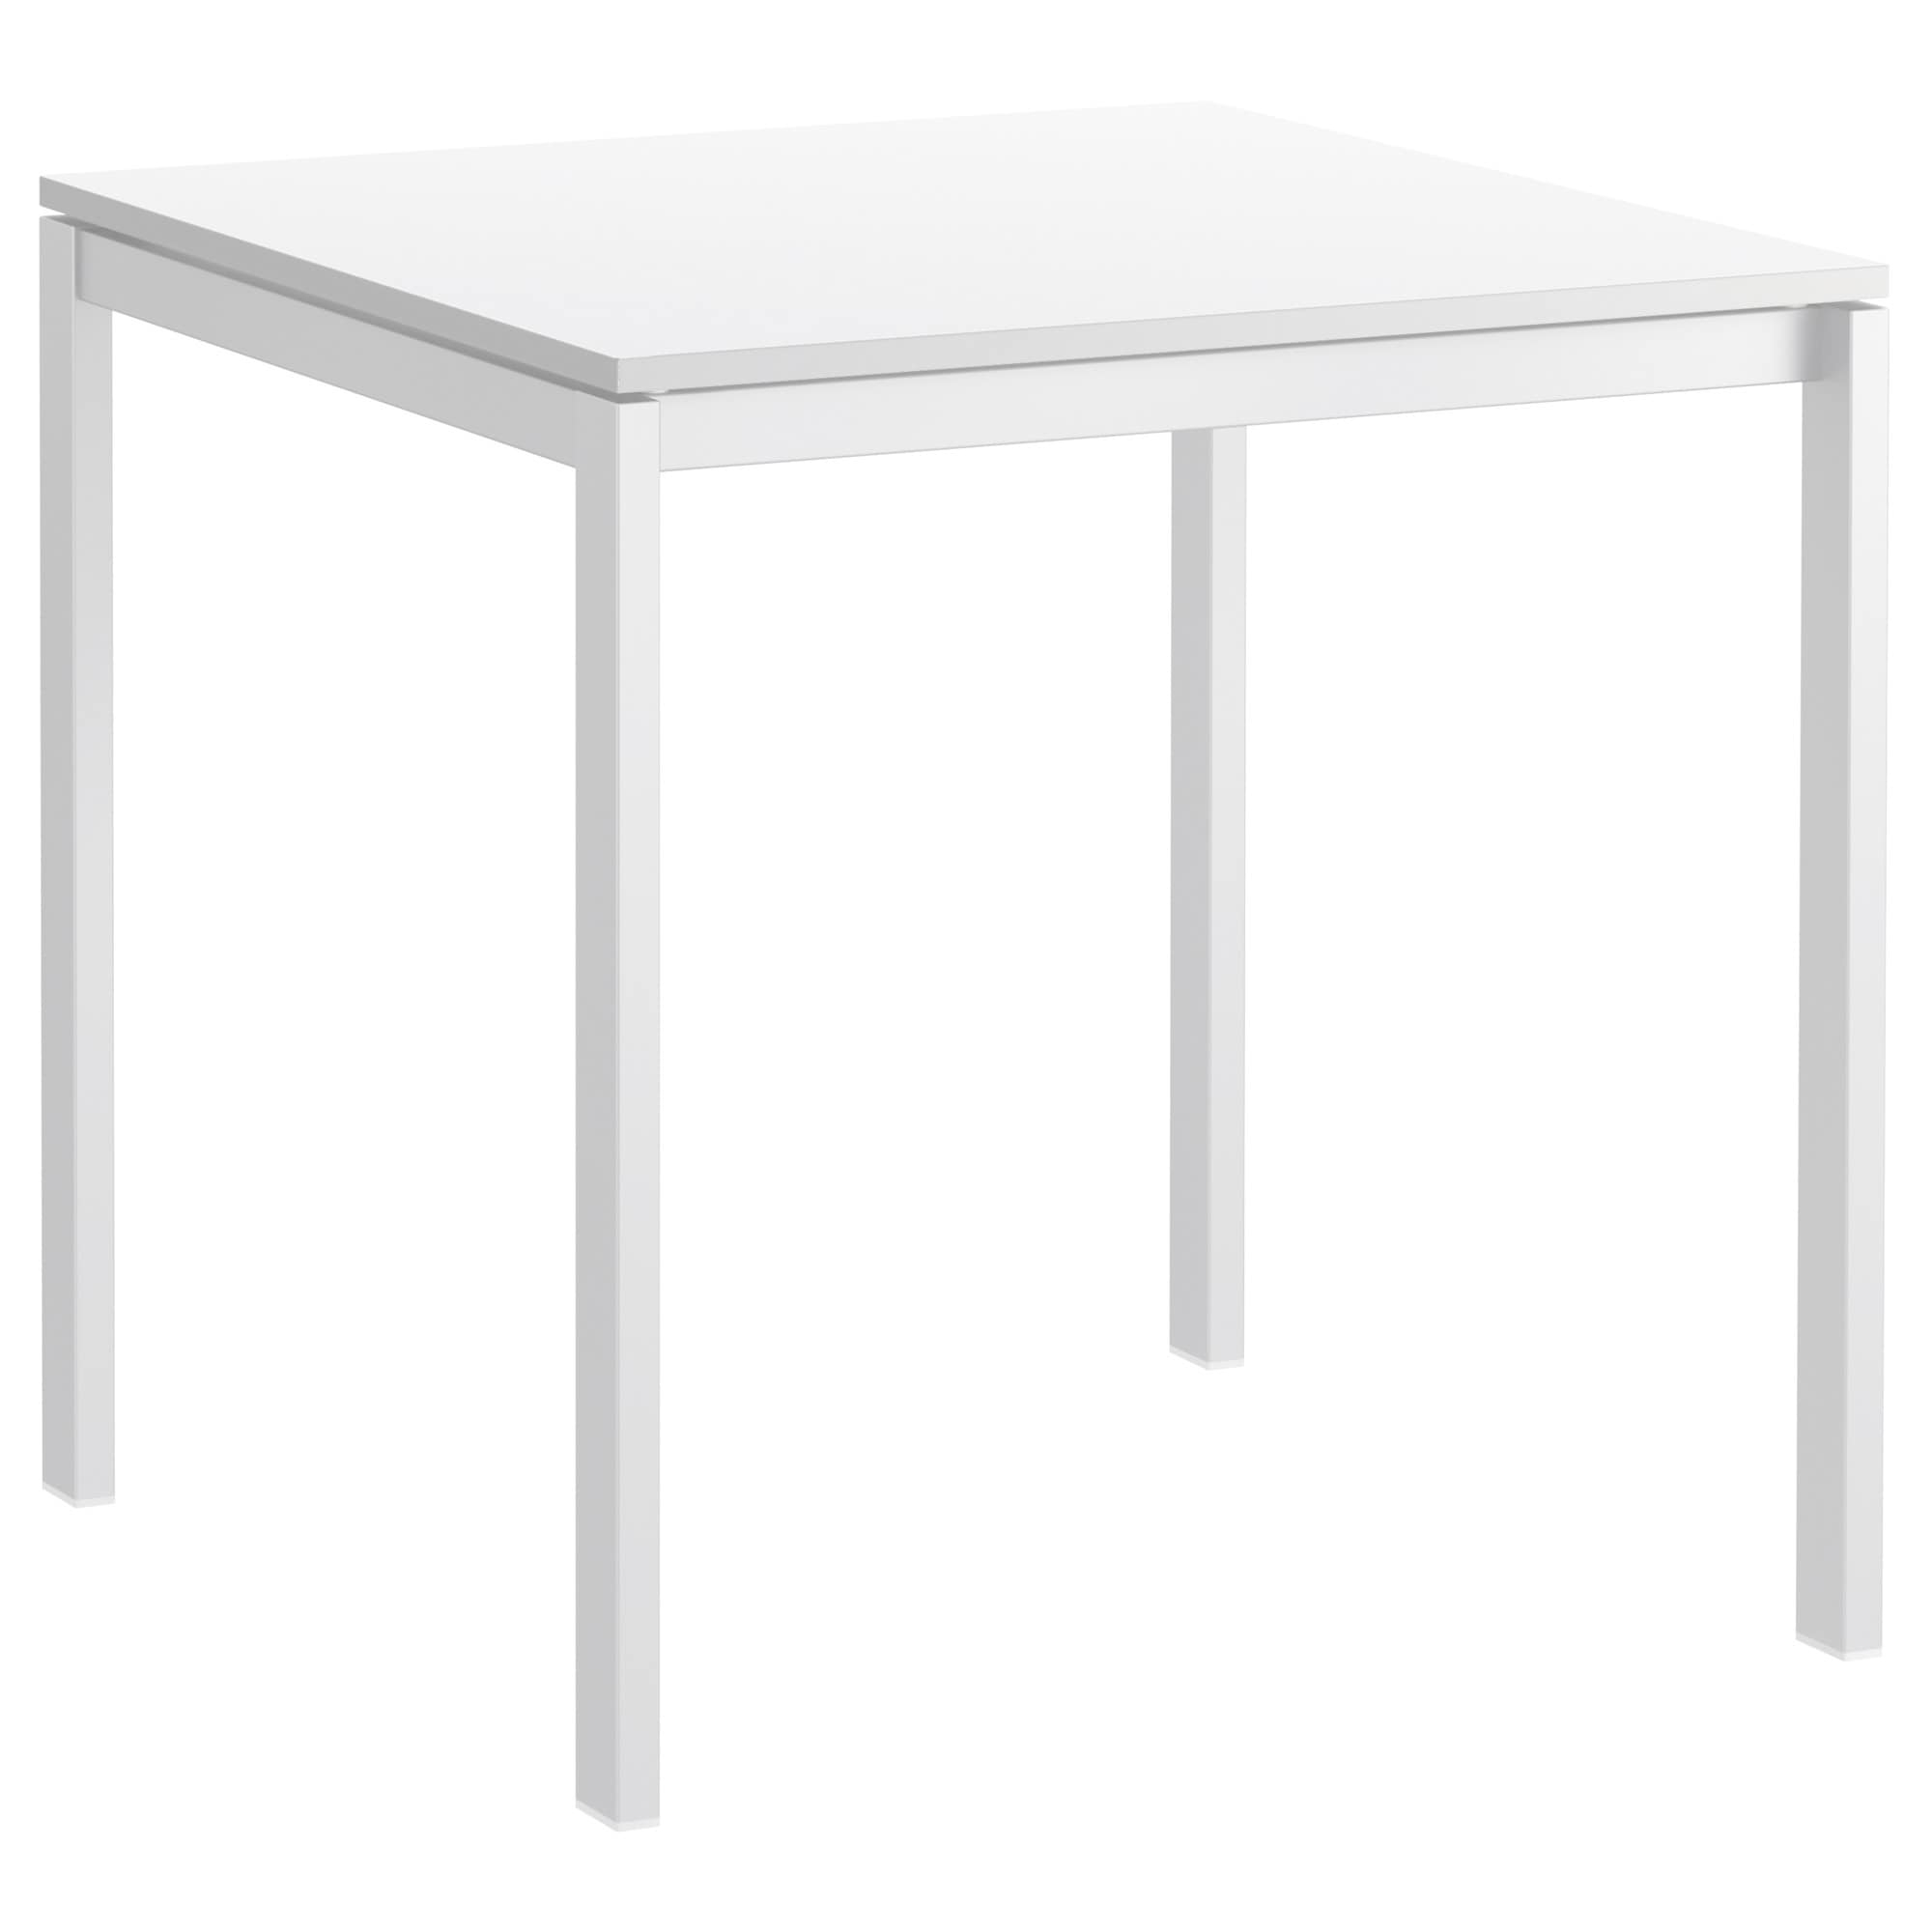 Mesa Plegable Cocina Ikea Mndw Mesas Para 4 Personas Pra Online Ikea